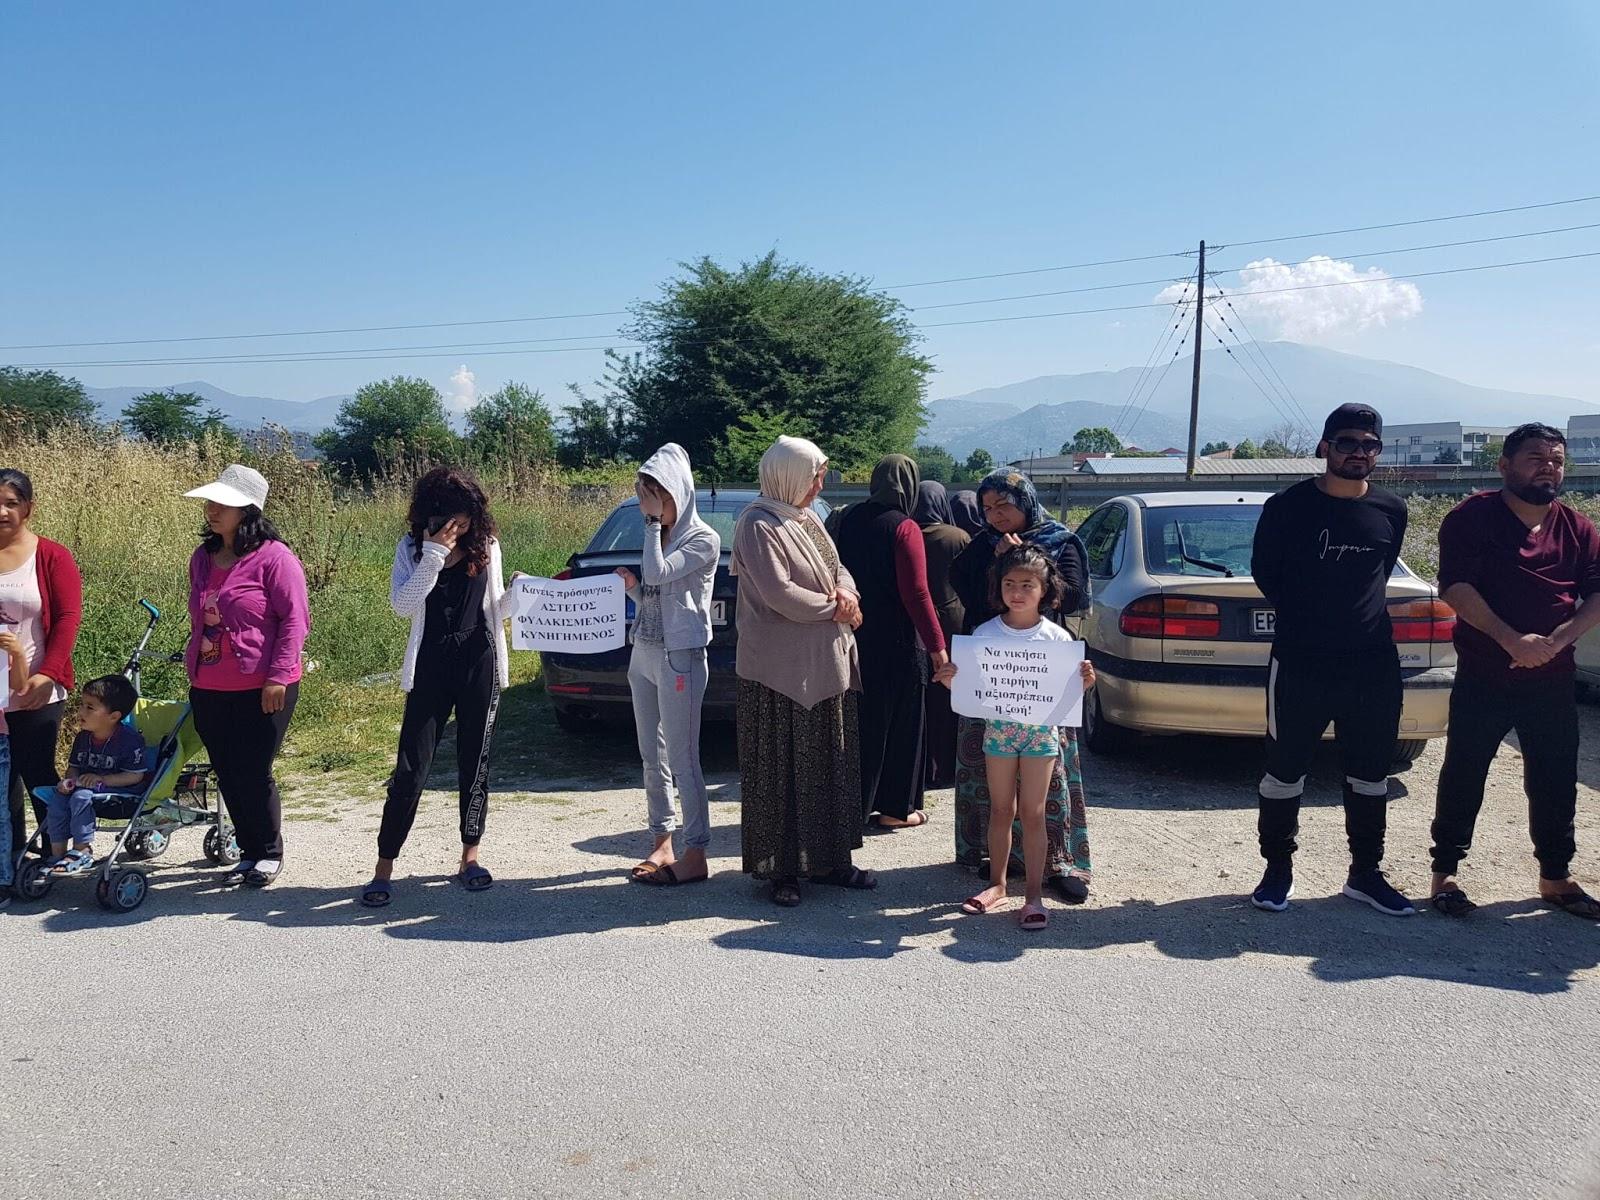 Διαμαρτυρία Γεζίντι μπροστά από τη Δομή Προσφύγων των Σερρών